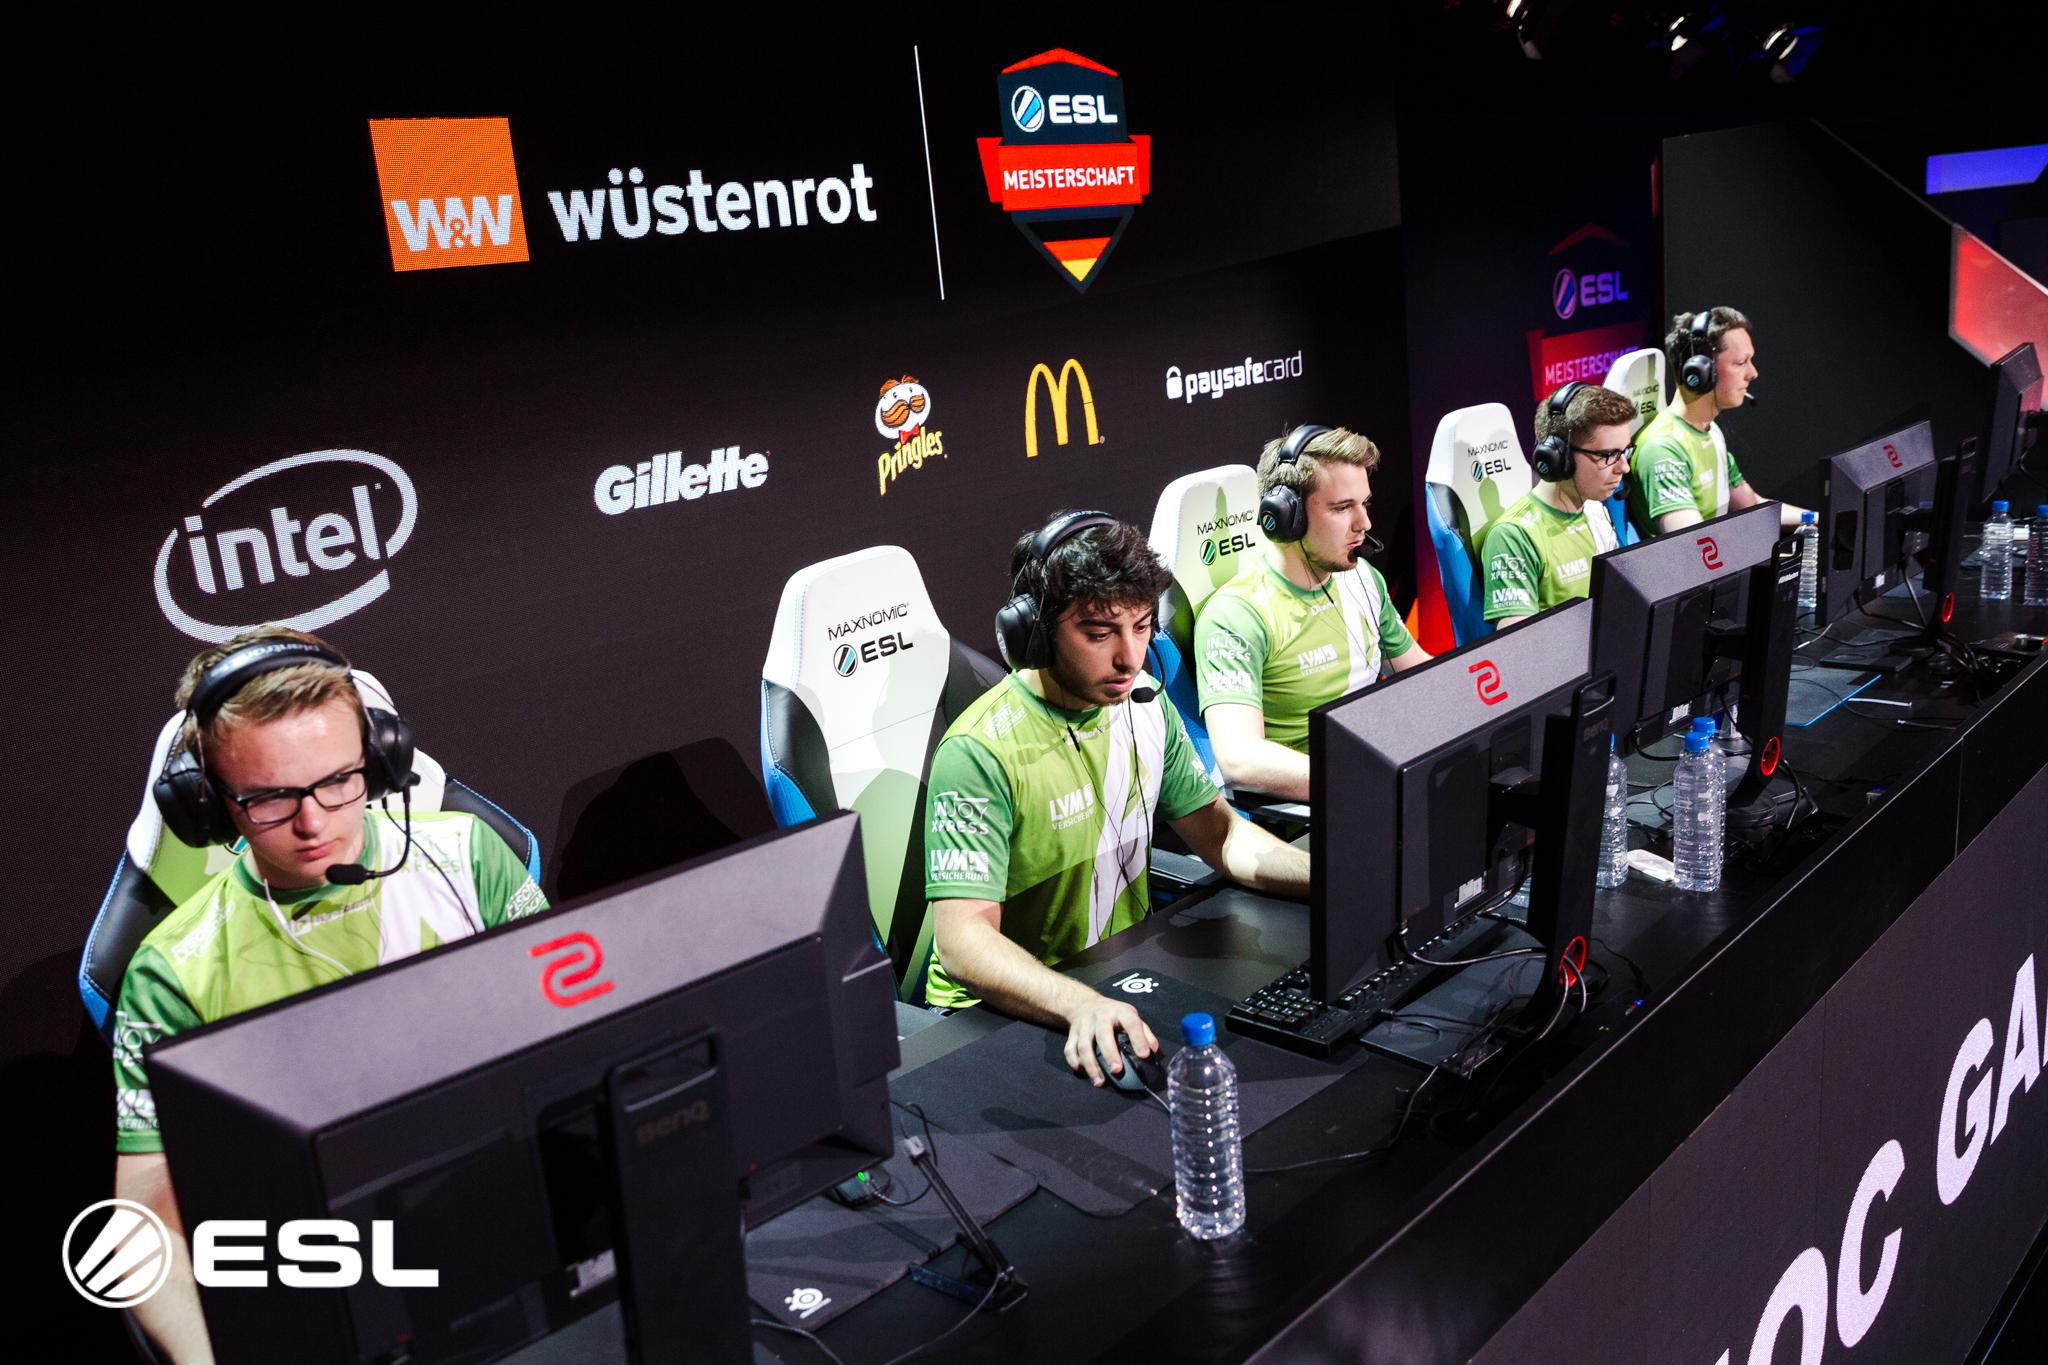 Hält ad hoc gaming auch am 7. Spieltag mit SK und EURONICS Schritt?